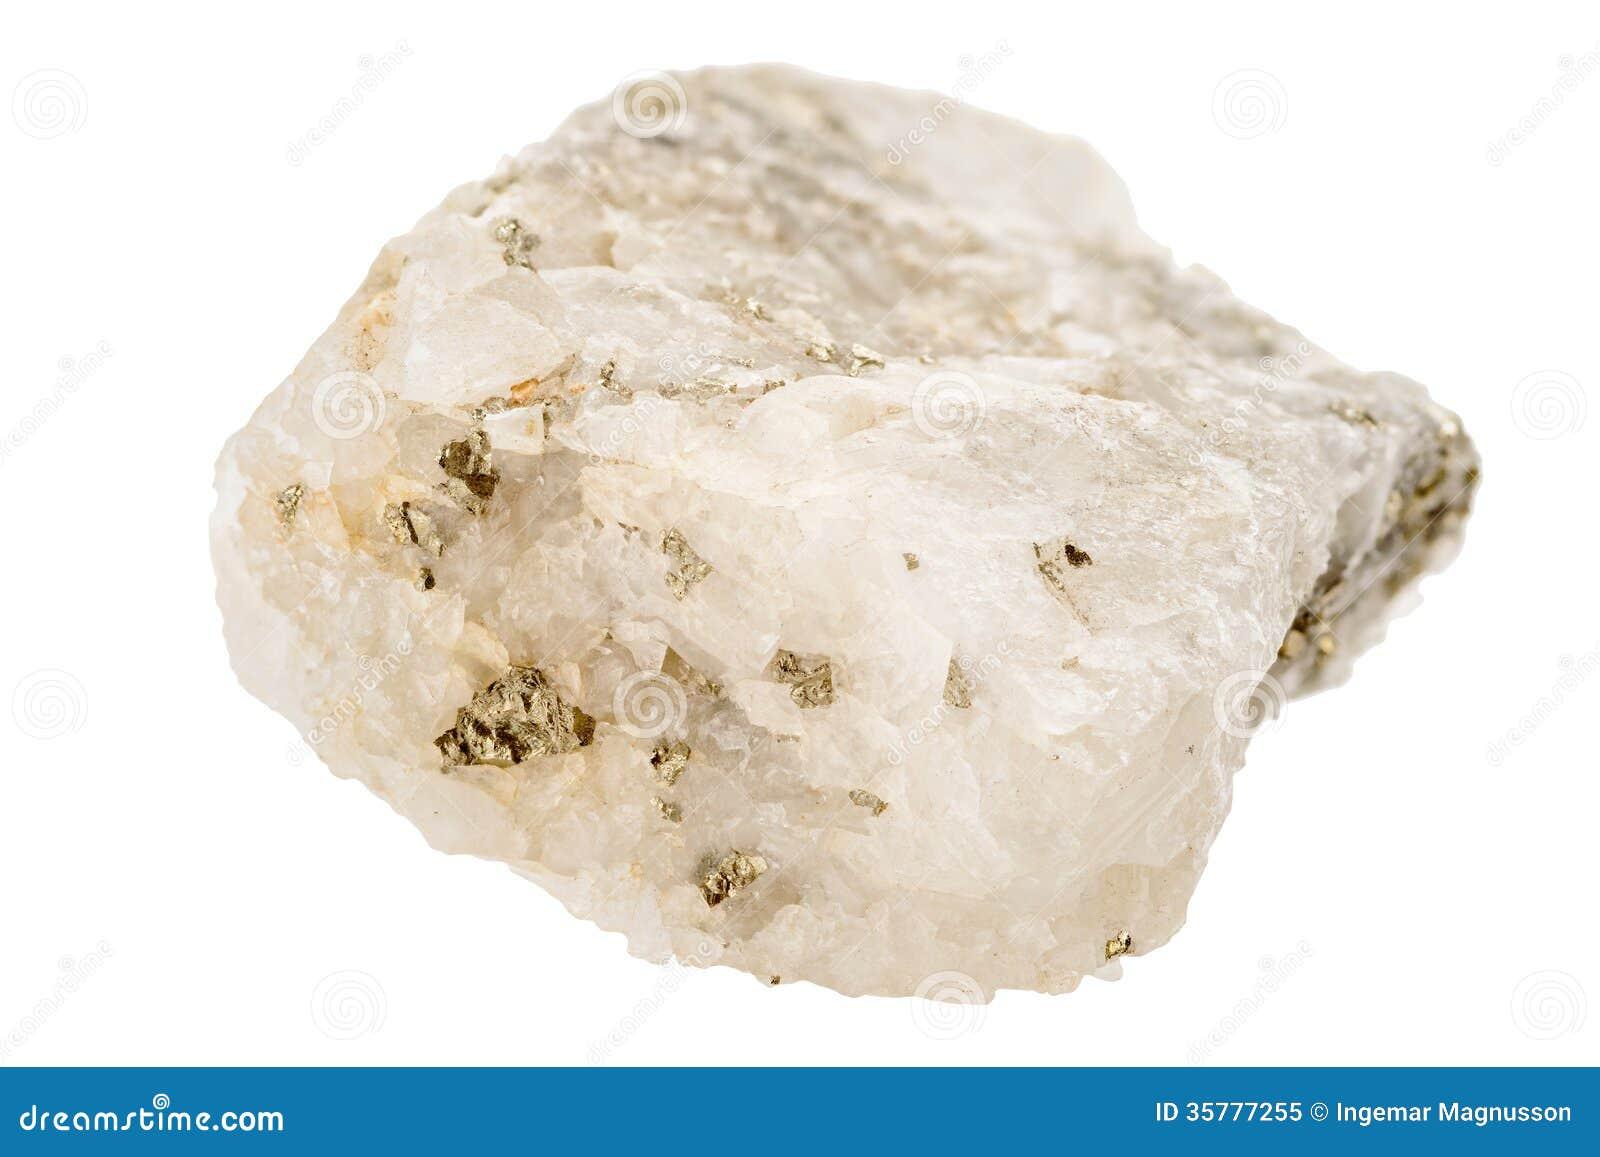 fools gold pyrite in quartz stock image image of